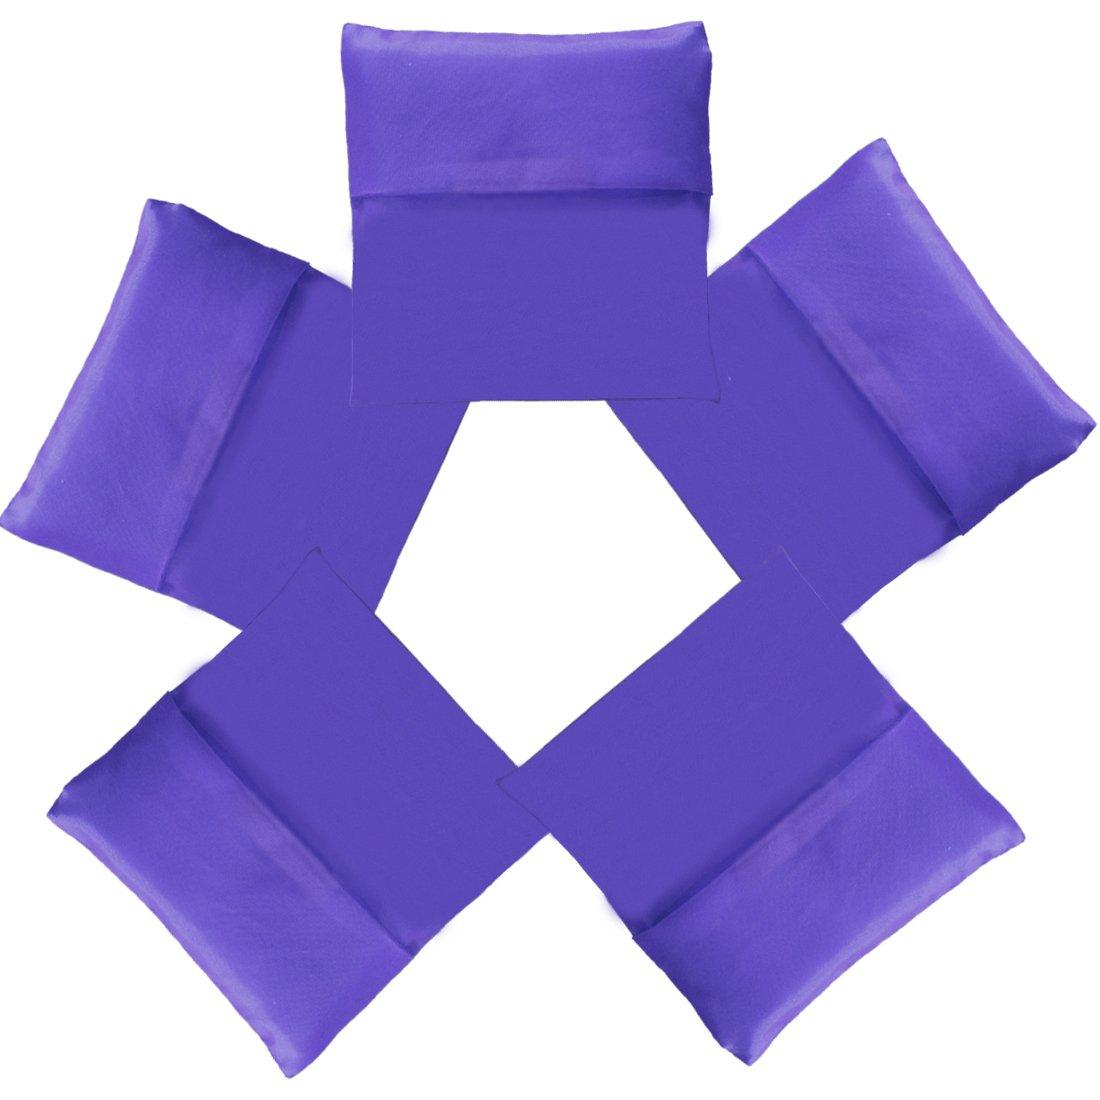 【売れ筋】 再利用可能なショッピングバッグのセット5 旅行Recycle – 折りたたみ式ショッピングトートバッグ – 旅行Recycle Grocery Varouusカラー ブルー Bags – 保存スペースwith Varouusカラー – 環境に優しい、軽量、強力な&耐久性 オレンジ SBS0000 B06WGSVLVB ブルー ブルー, LEVEL6:28fe8c03 --- arianechie.dominiotemporario.com